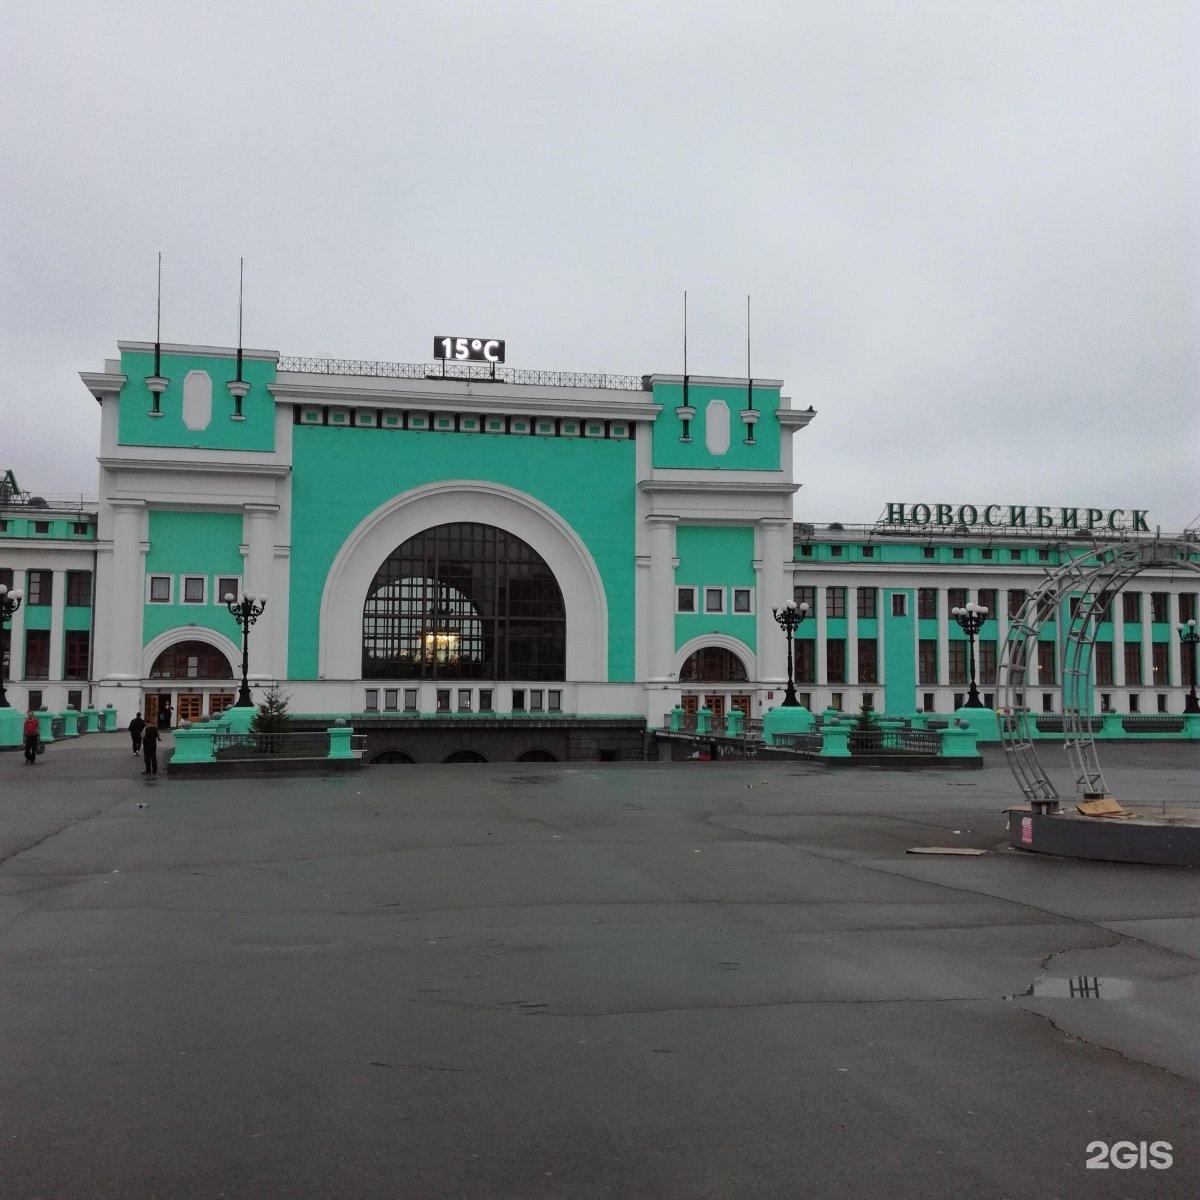 имени полезно срочное фото на жд вокзале новосибирск домой -сразу